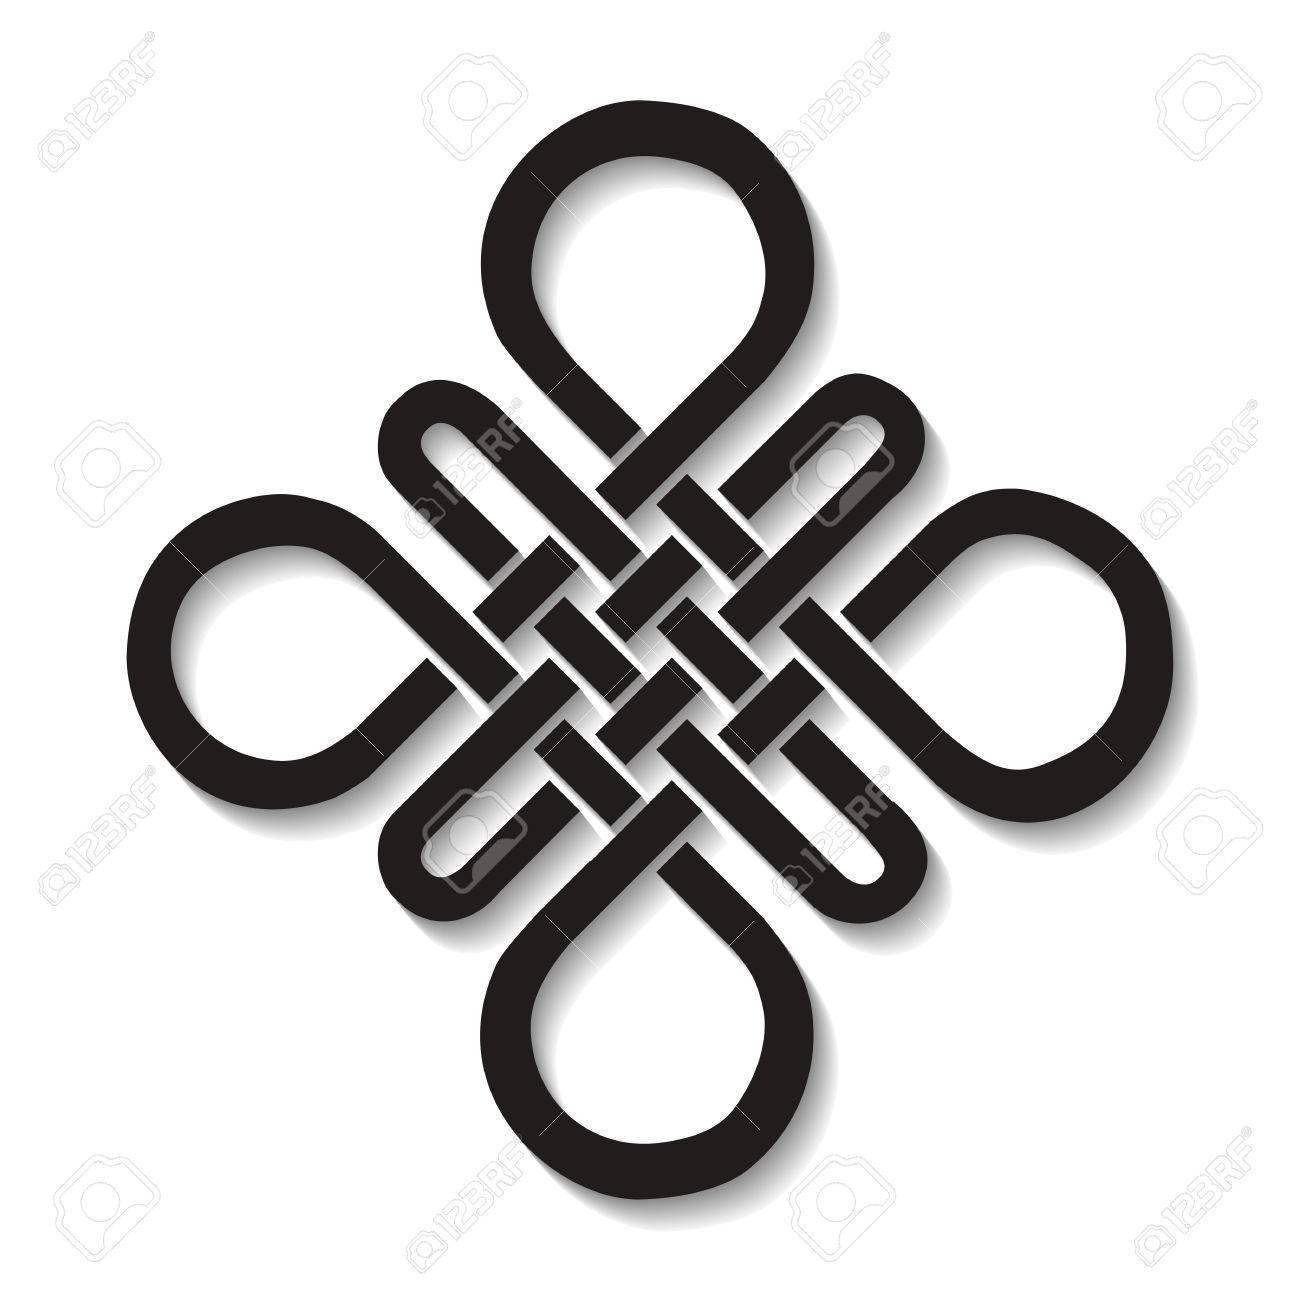 Geliebte Endlose Auspicious Knoten. China, Tibet, Ewig, Buddhismus Und #ZH_08